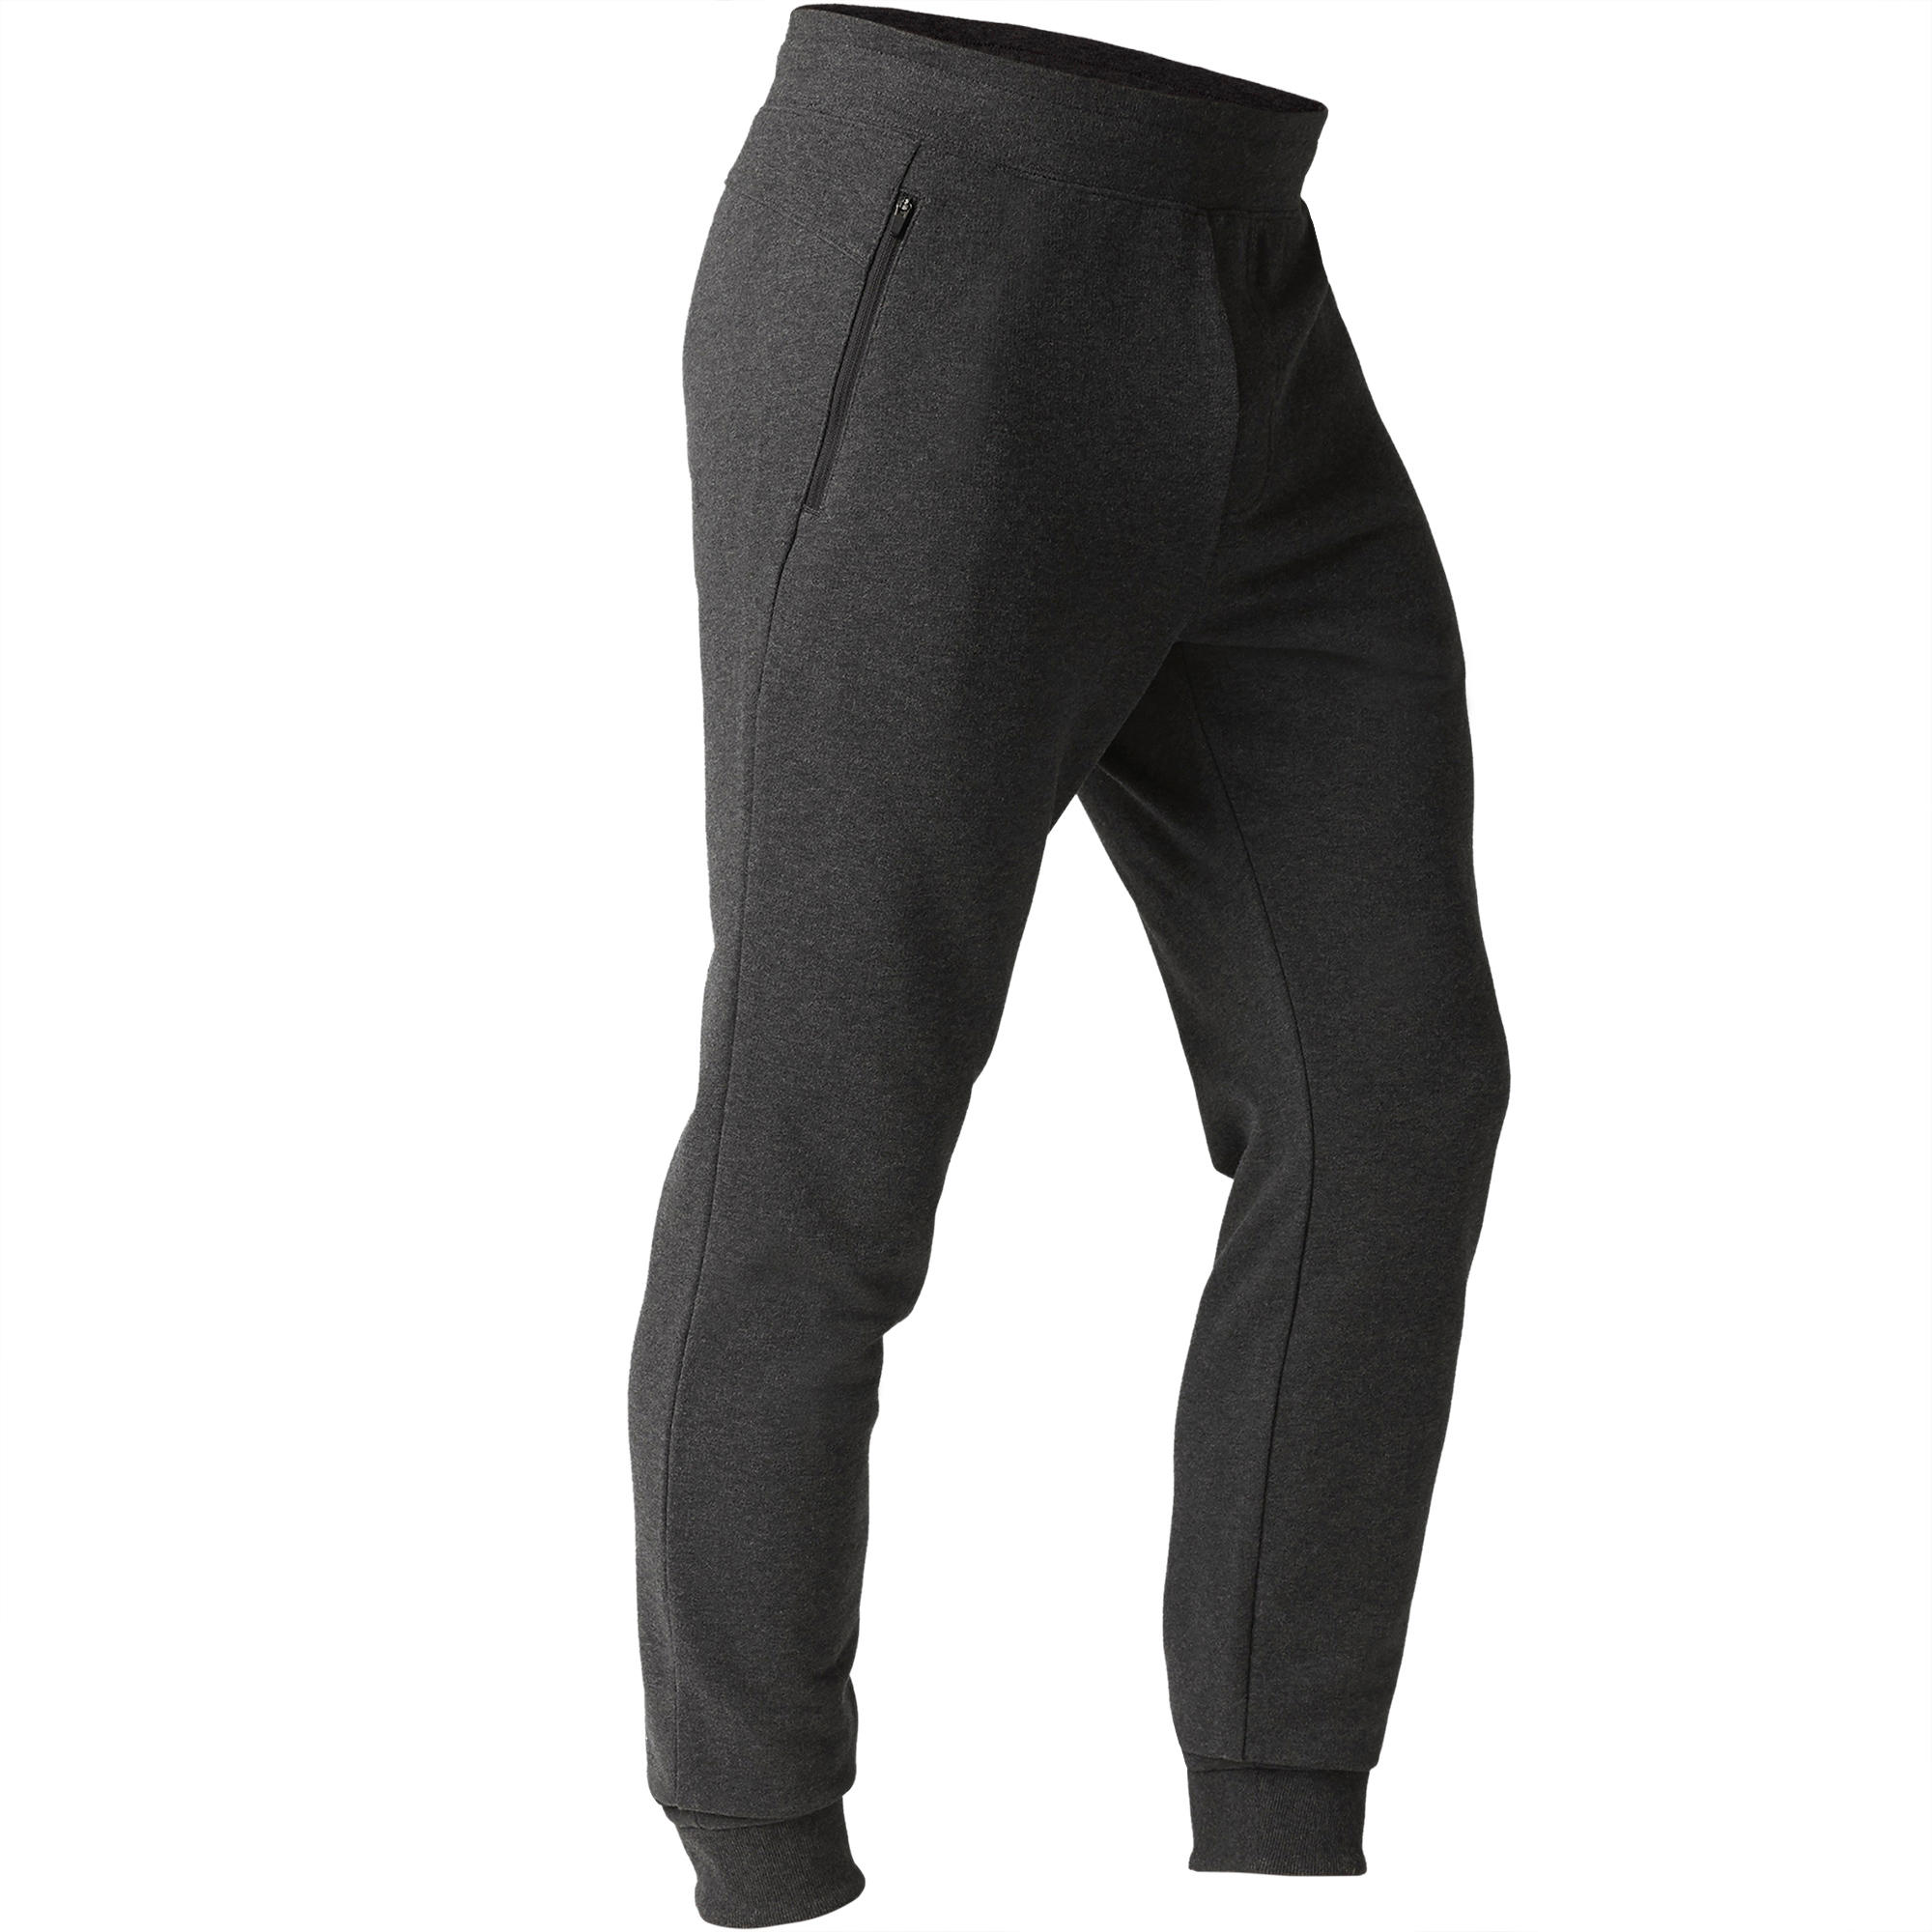 Pantalon 500 ajusté zip gymnastique d'étirement homme gris foncé